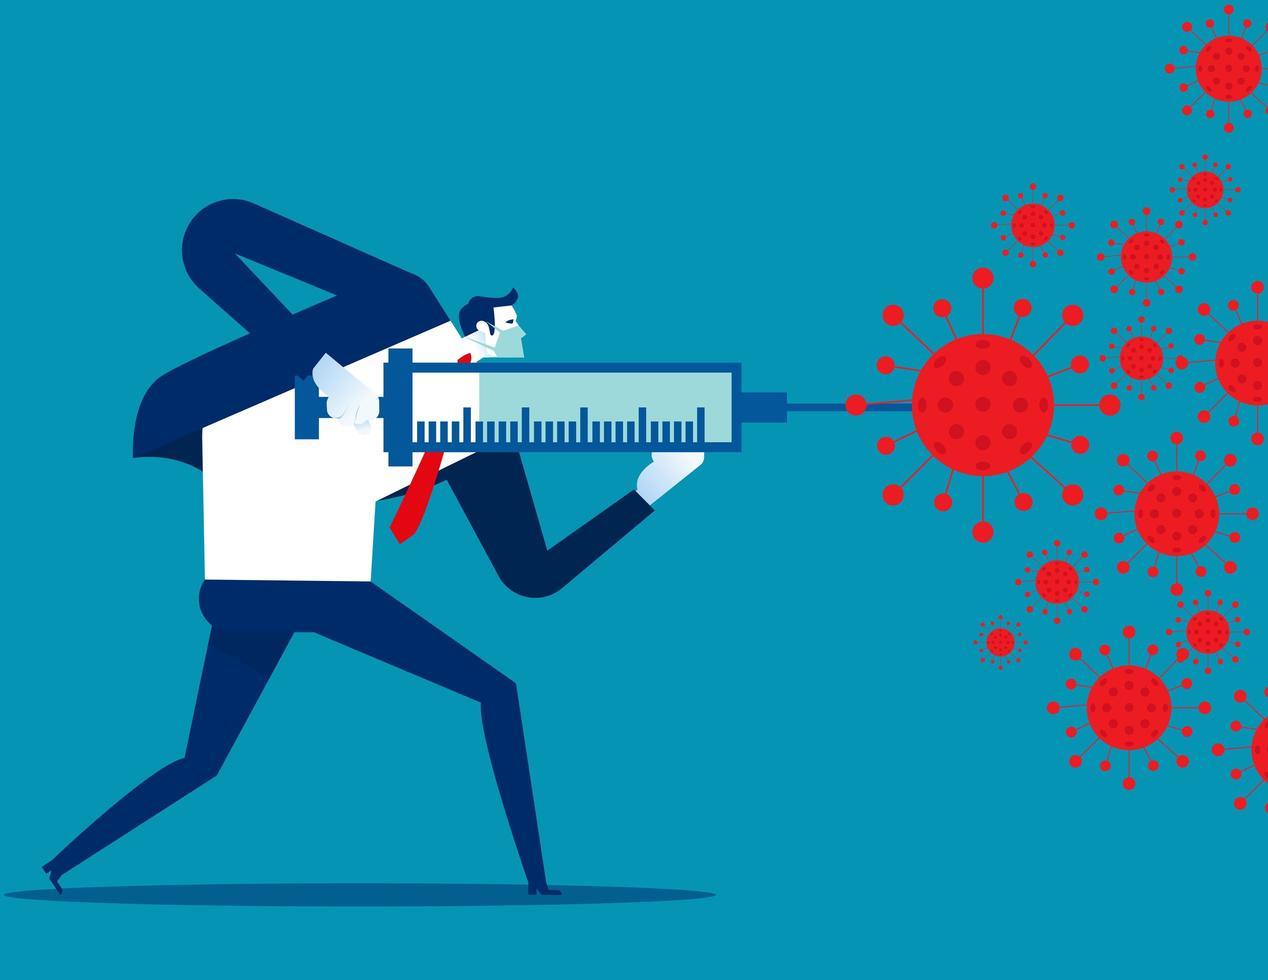 homem lutando covid-19 com vacina vetor